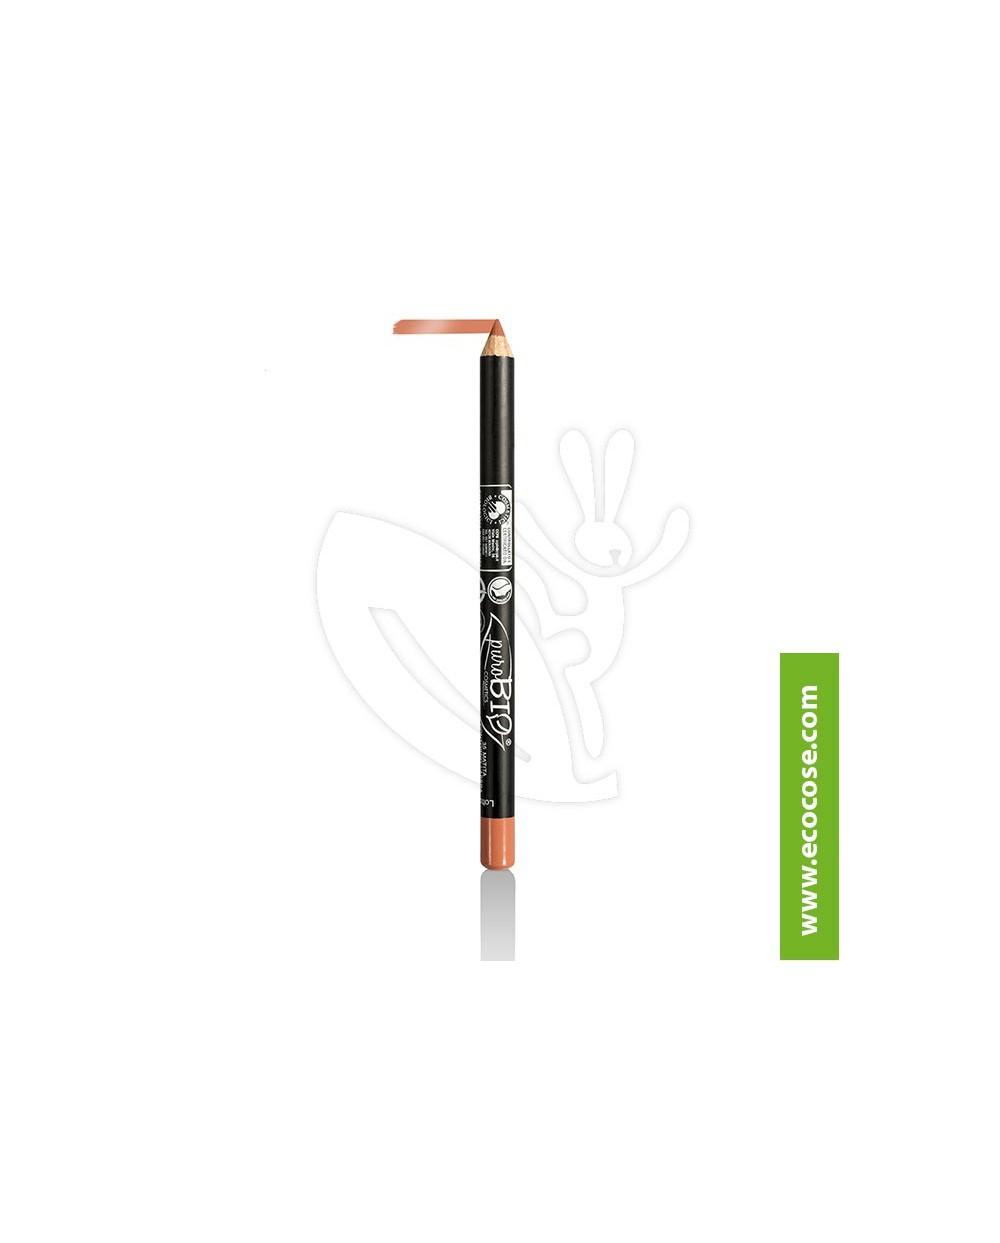 PuroBIO Cosmetics - Matita Biologica Labbra 35 Pesca Chiaro